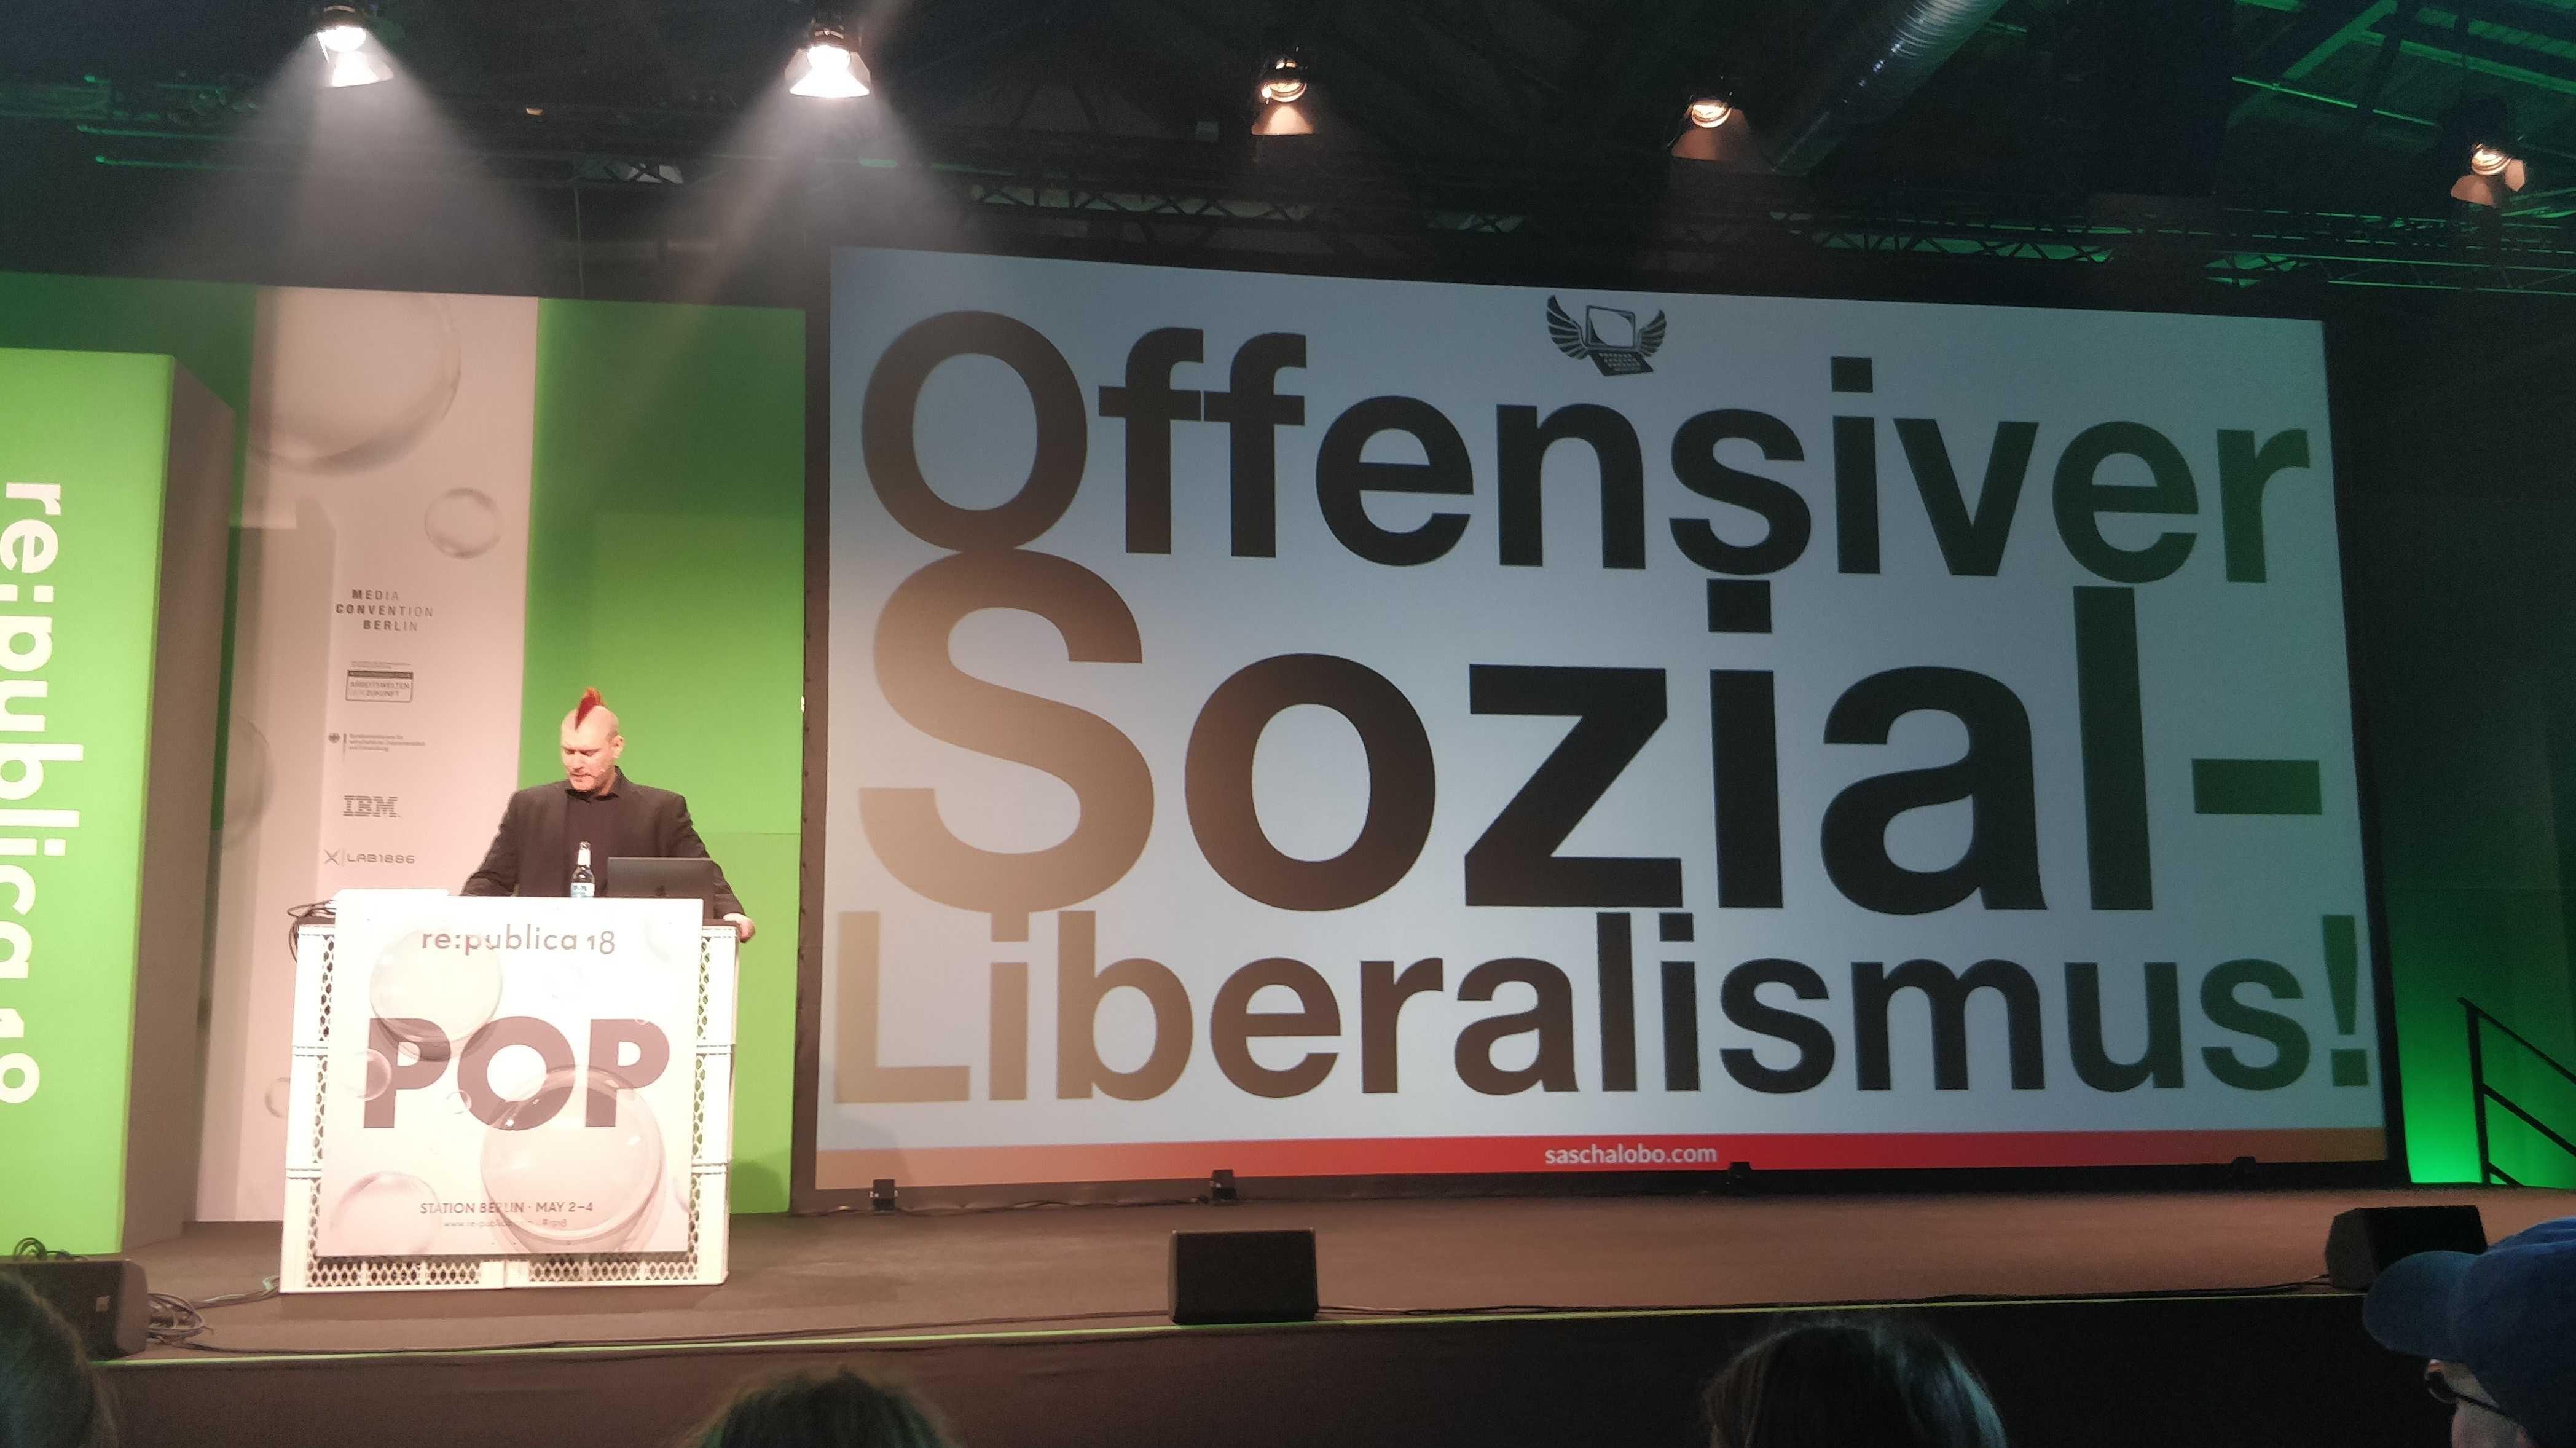 re:publica: Sascha Lobo plädiert für offensiven Sozial-Liberalismus